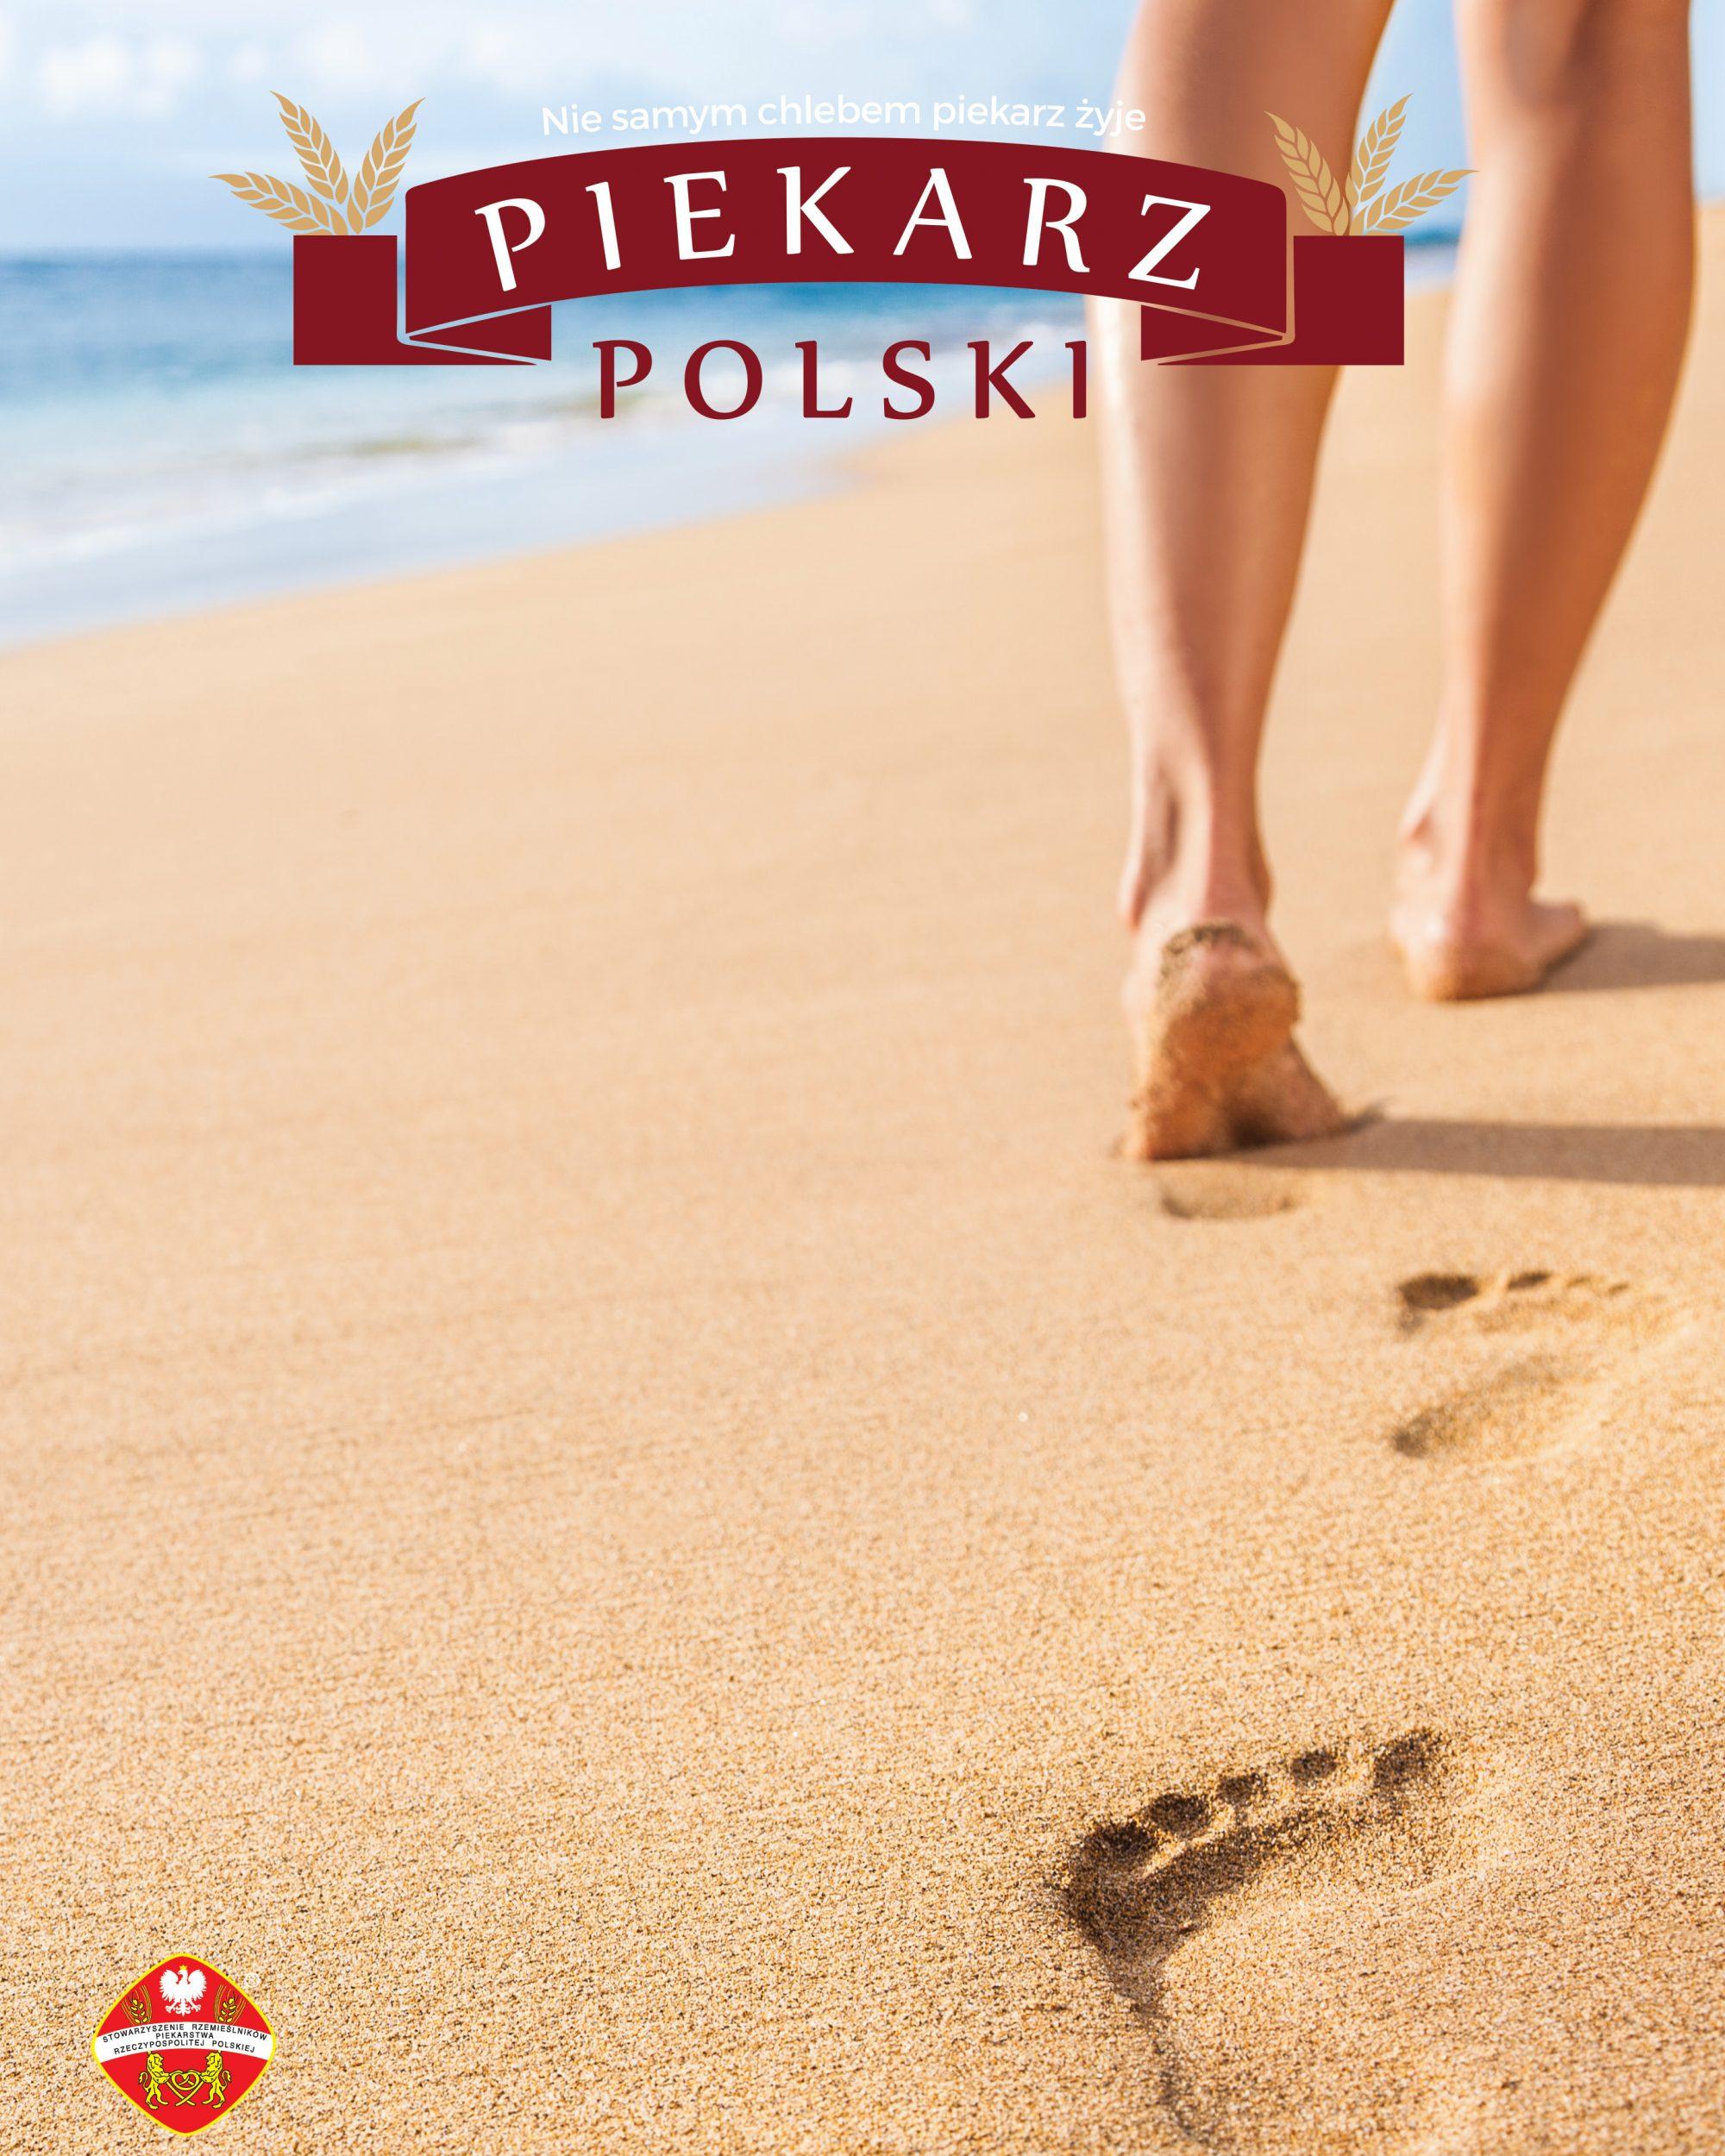 Piekarz polski